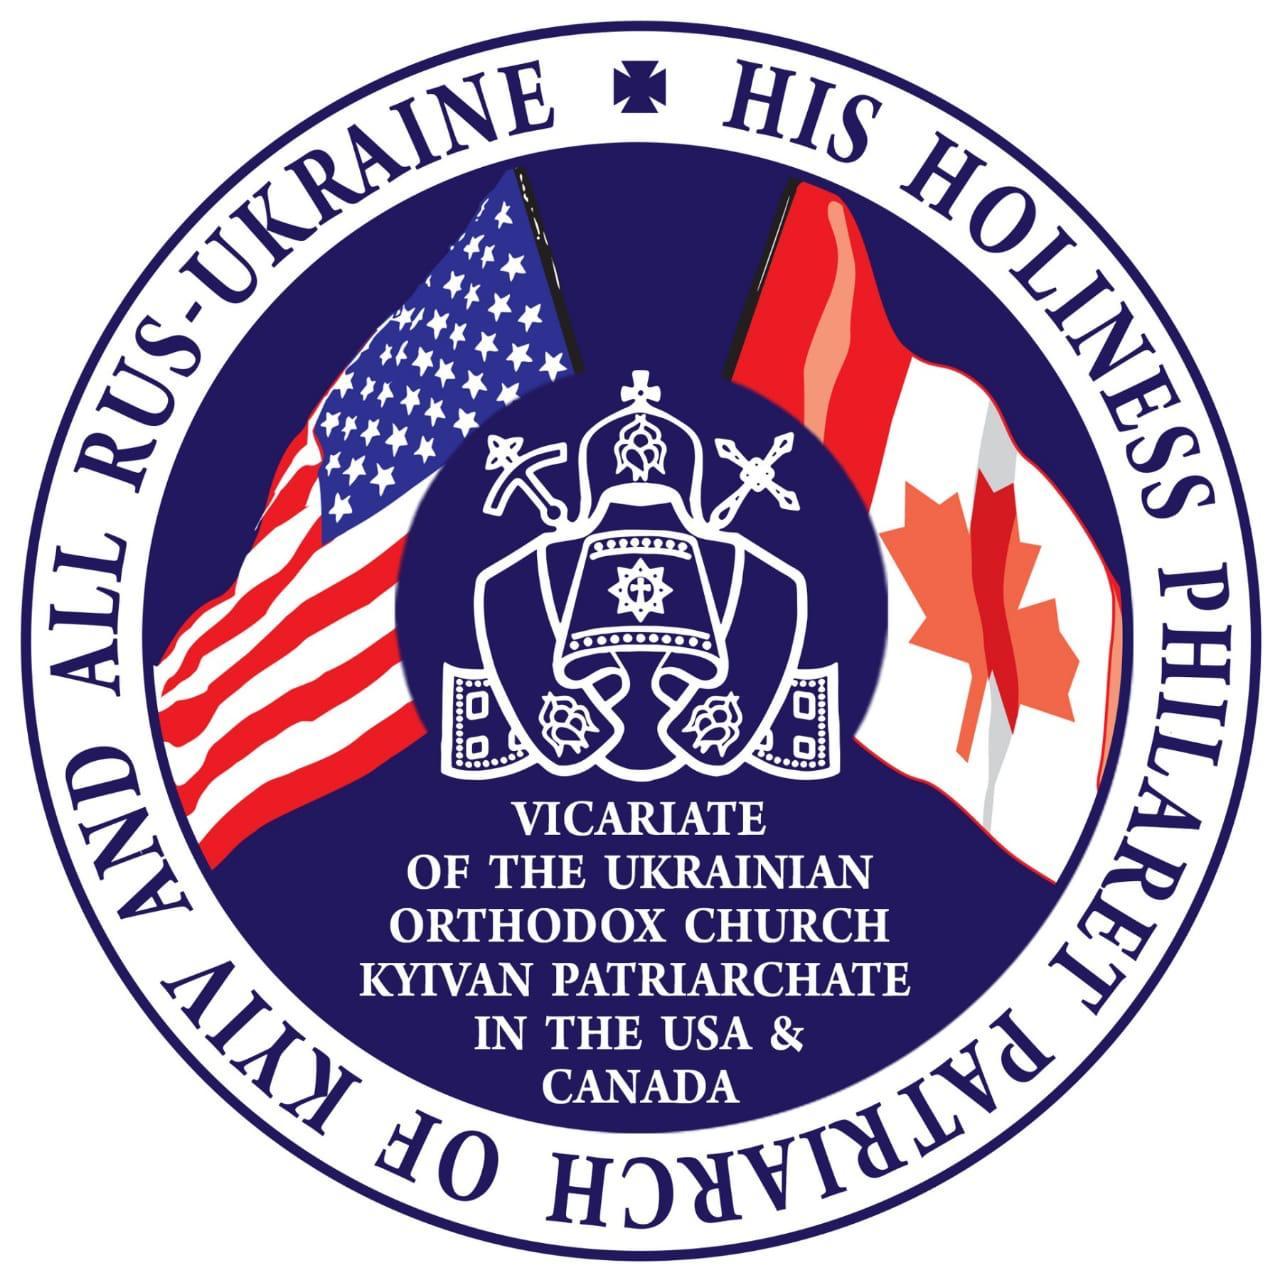 Звернення Вікаріату УПЦ Київського Патріархату в США та Канаді до Київської Митрополії ПЦУ